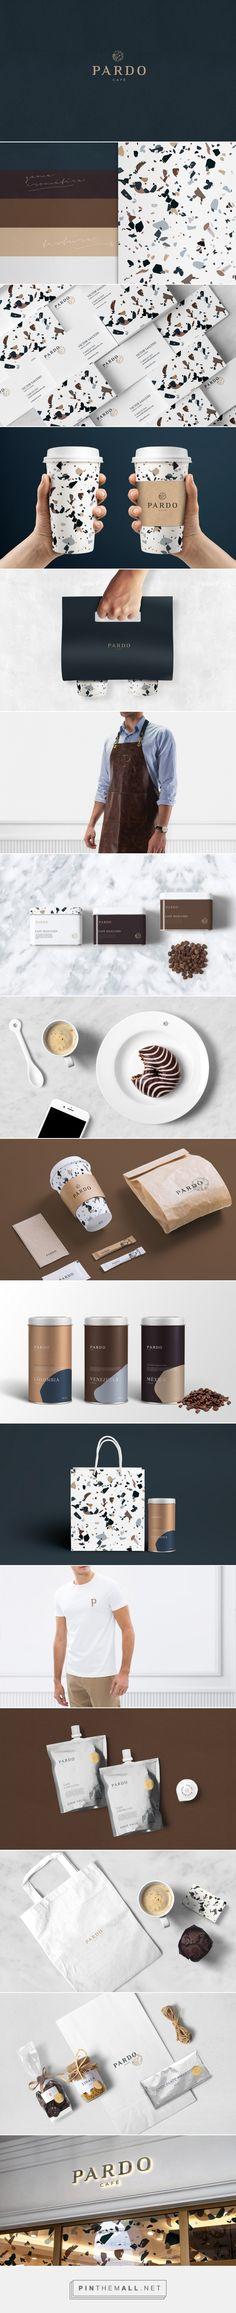 Pardo Cafe Branding and Packaging by Slavador Munca | Fivestar Branding Agency – Design and Branding Agency & Curated Inspiration Gallery : Alleen het design van het printje is al voldoende om de verpakking en de huisstijl er leuk uit te laten zien